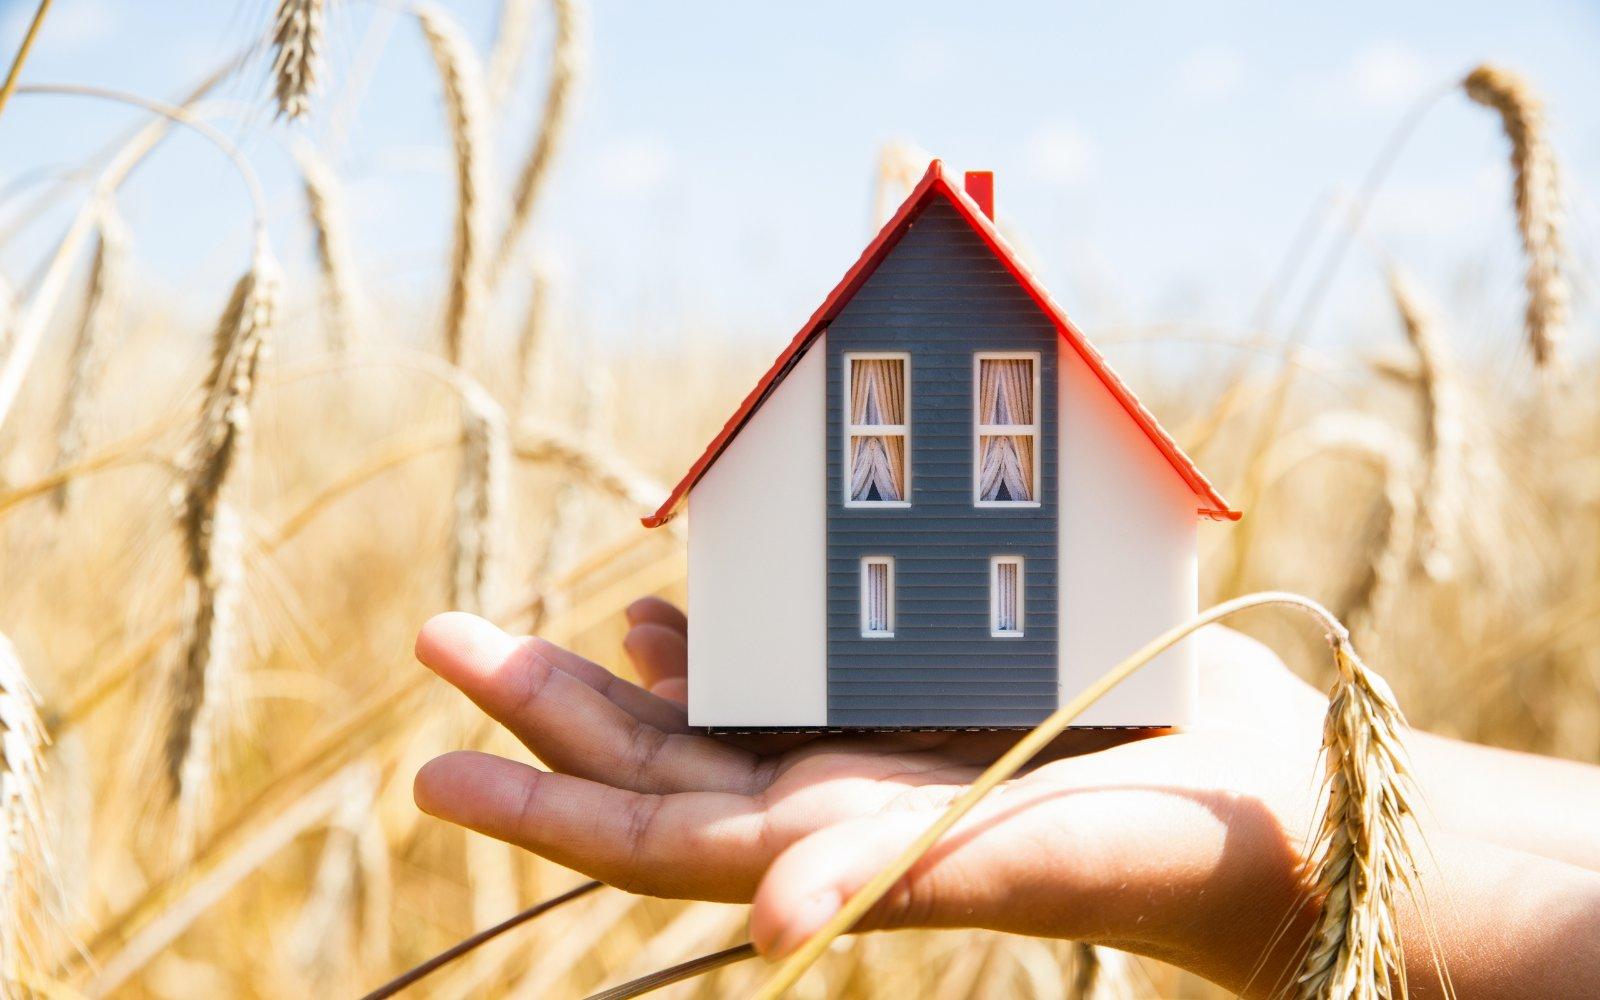 В Костромской области увеличен размер субсидий, которые жители сельской местности смогут получить на улучшение жилищных условий